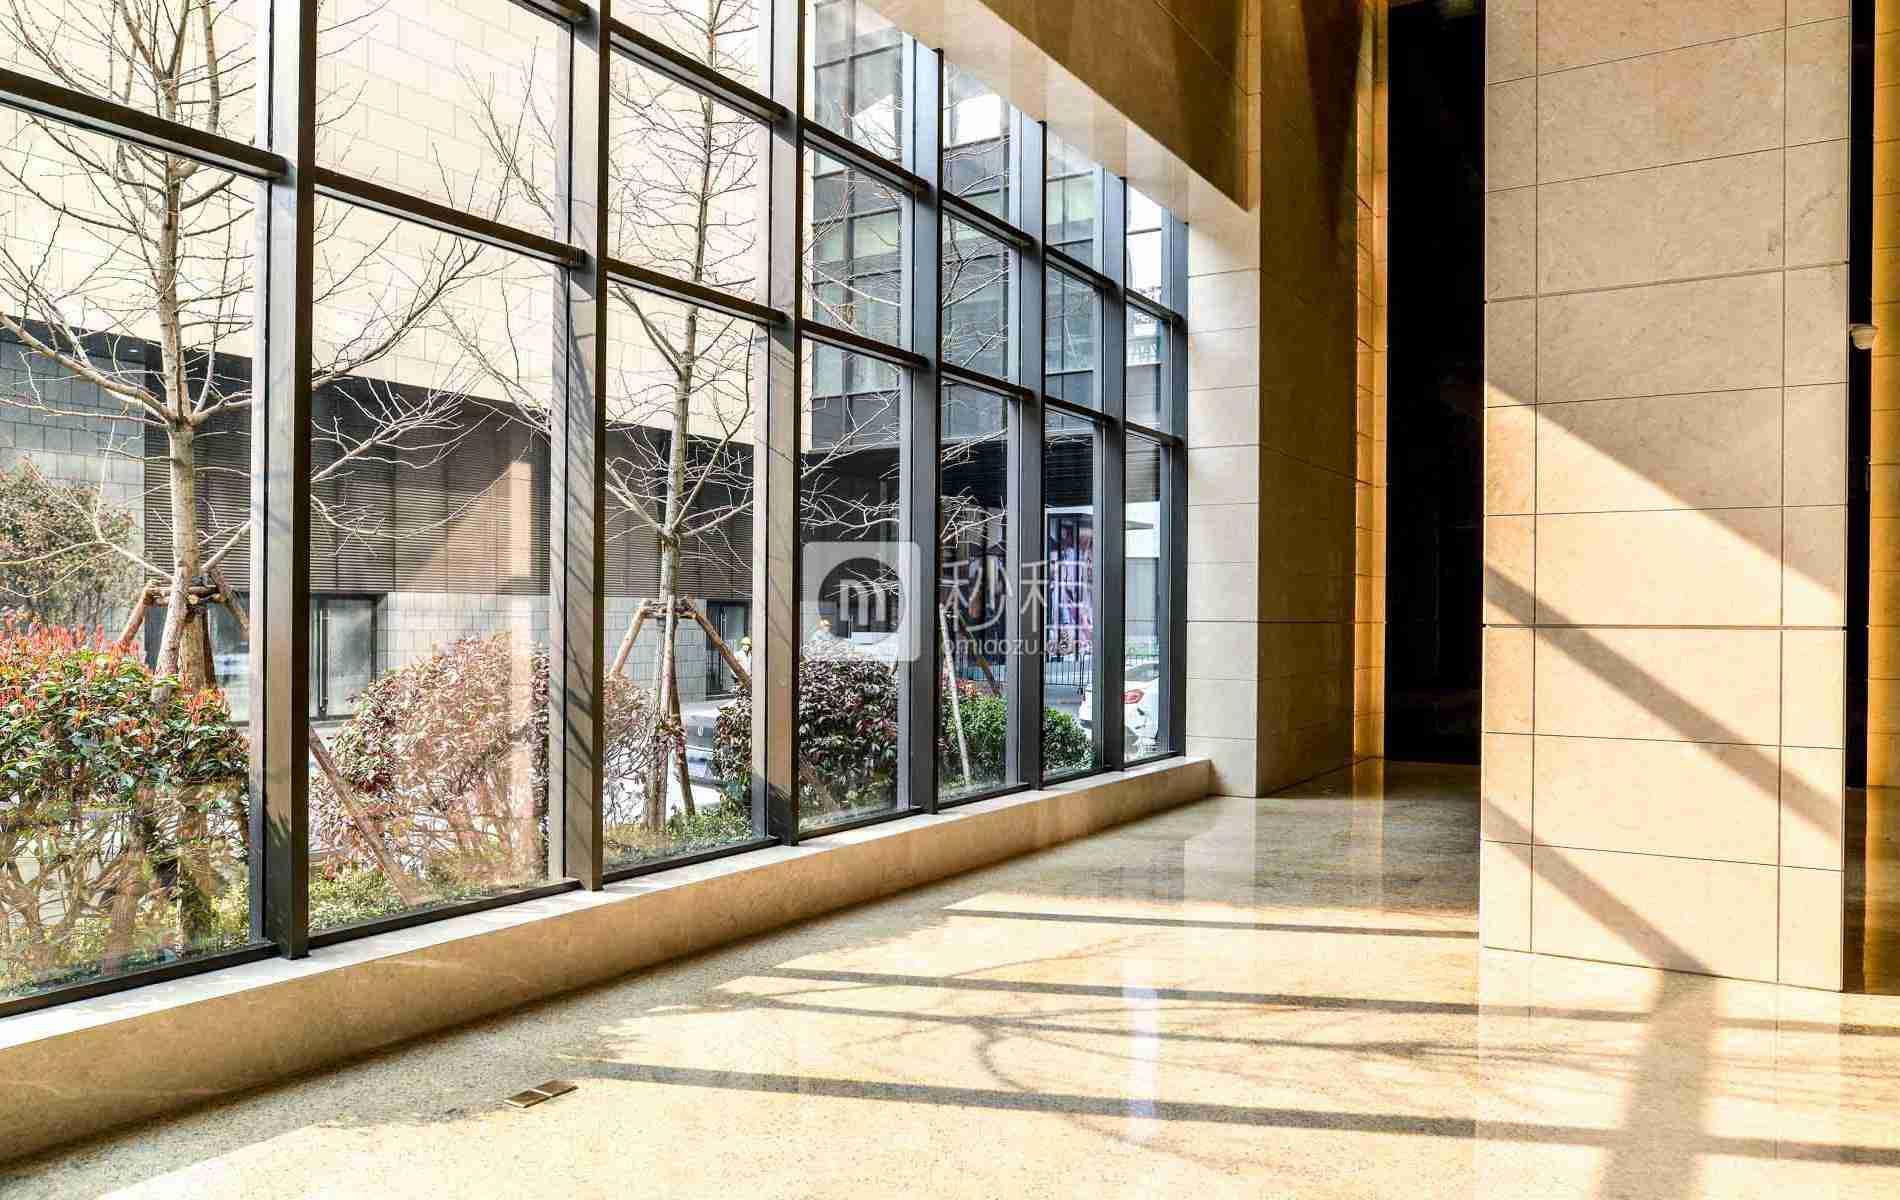 卓越世纪中心写字楼出租/招租/租赁,卓越世纪中心办公室出租/招租/租赁